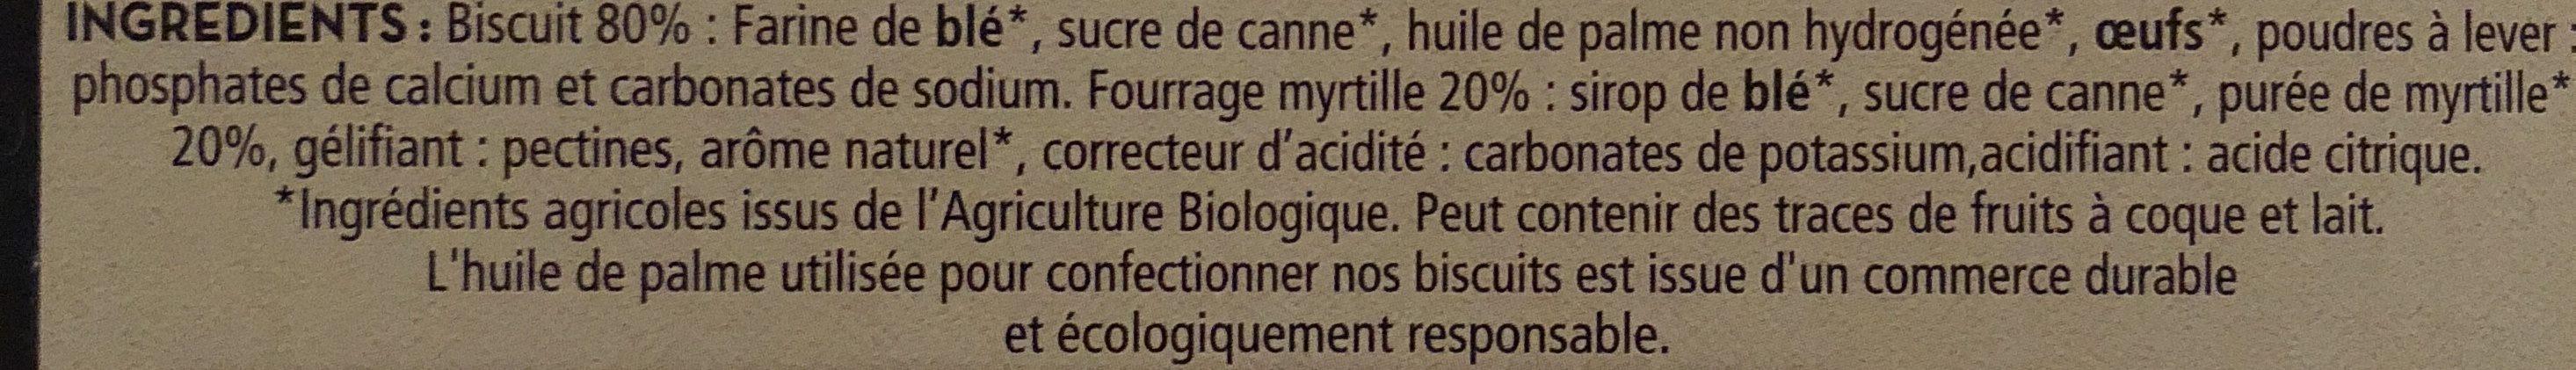 Lunettes à la Myrtille - Ingredienti - fr